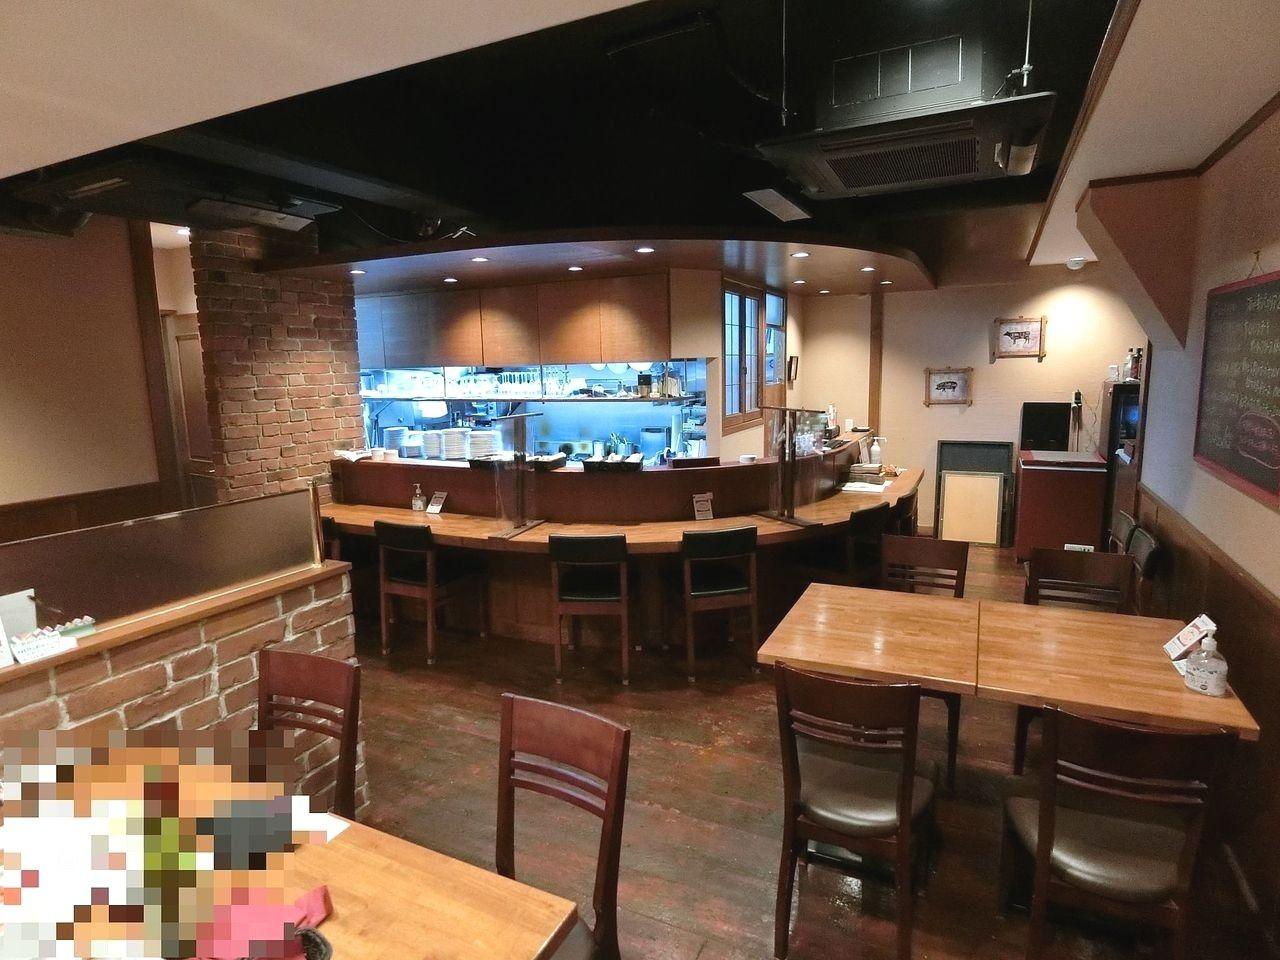 板橋区常盤台のフランス料理店「ビストロ ラ ノブティック B」